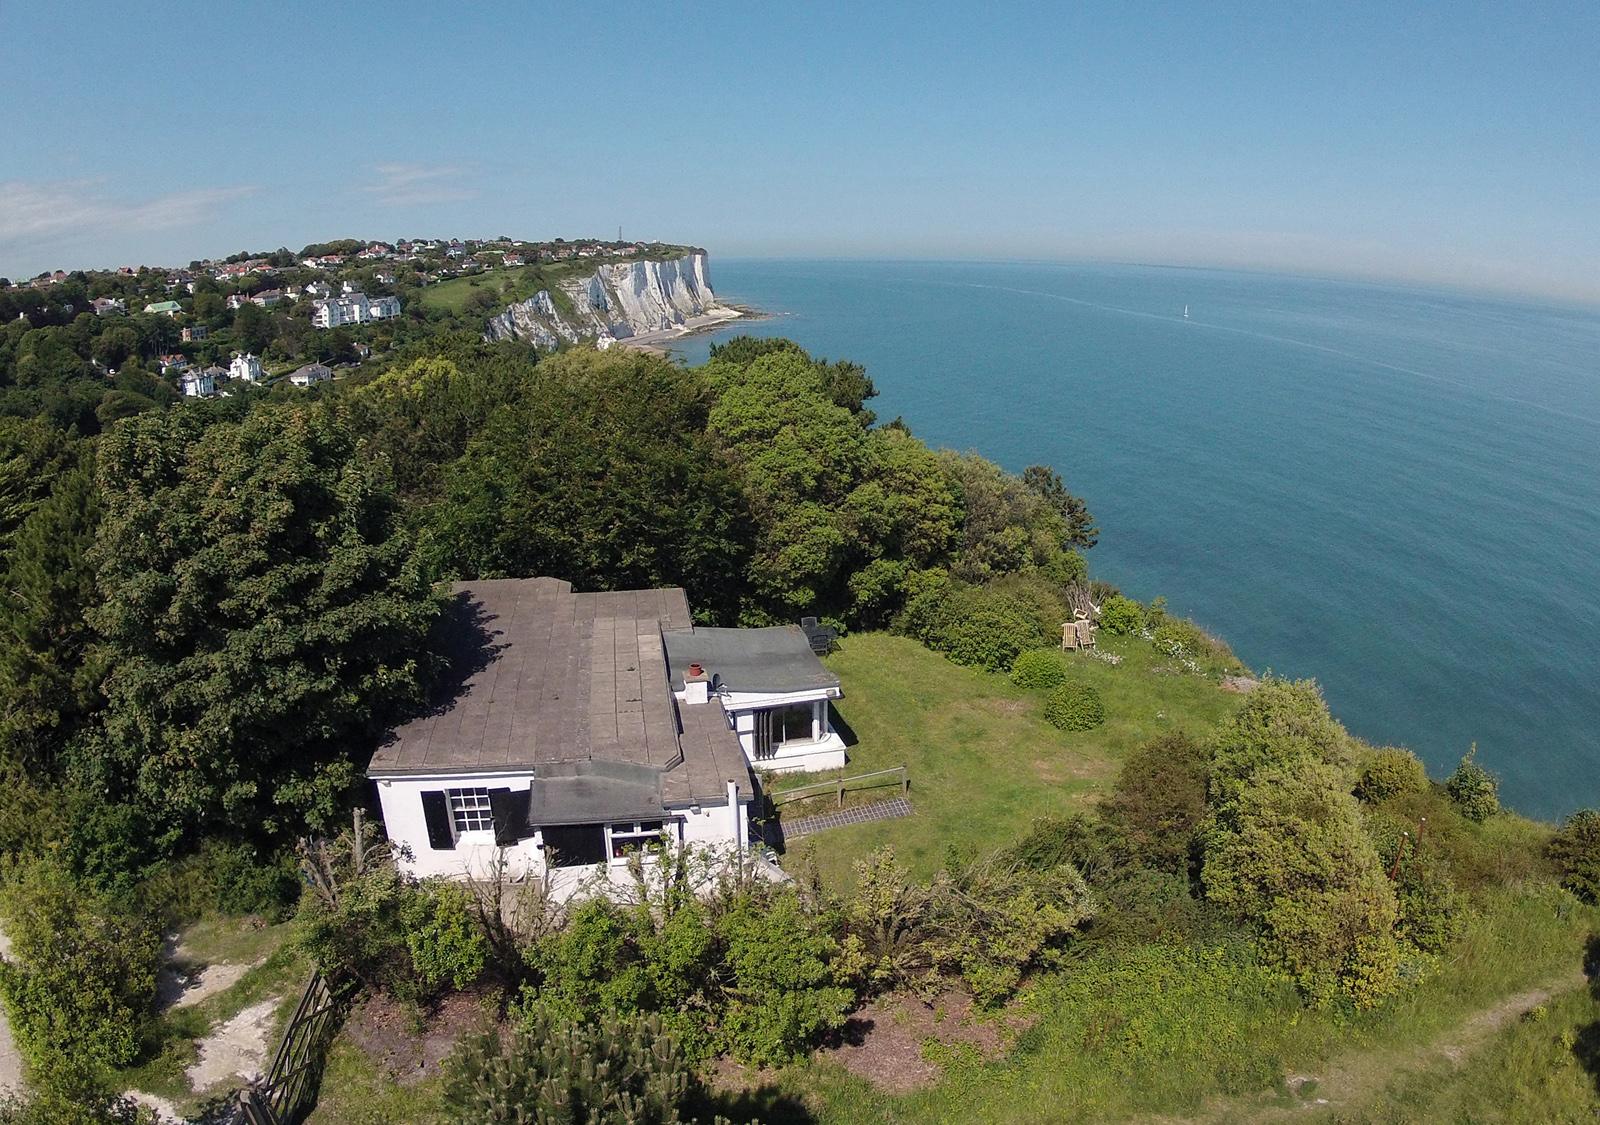 https://0201.nccdn.net/4_2/000/000/05e/0e7/aerial-sea-view--2012.jpg